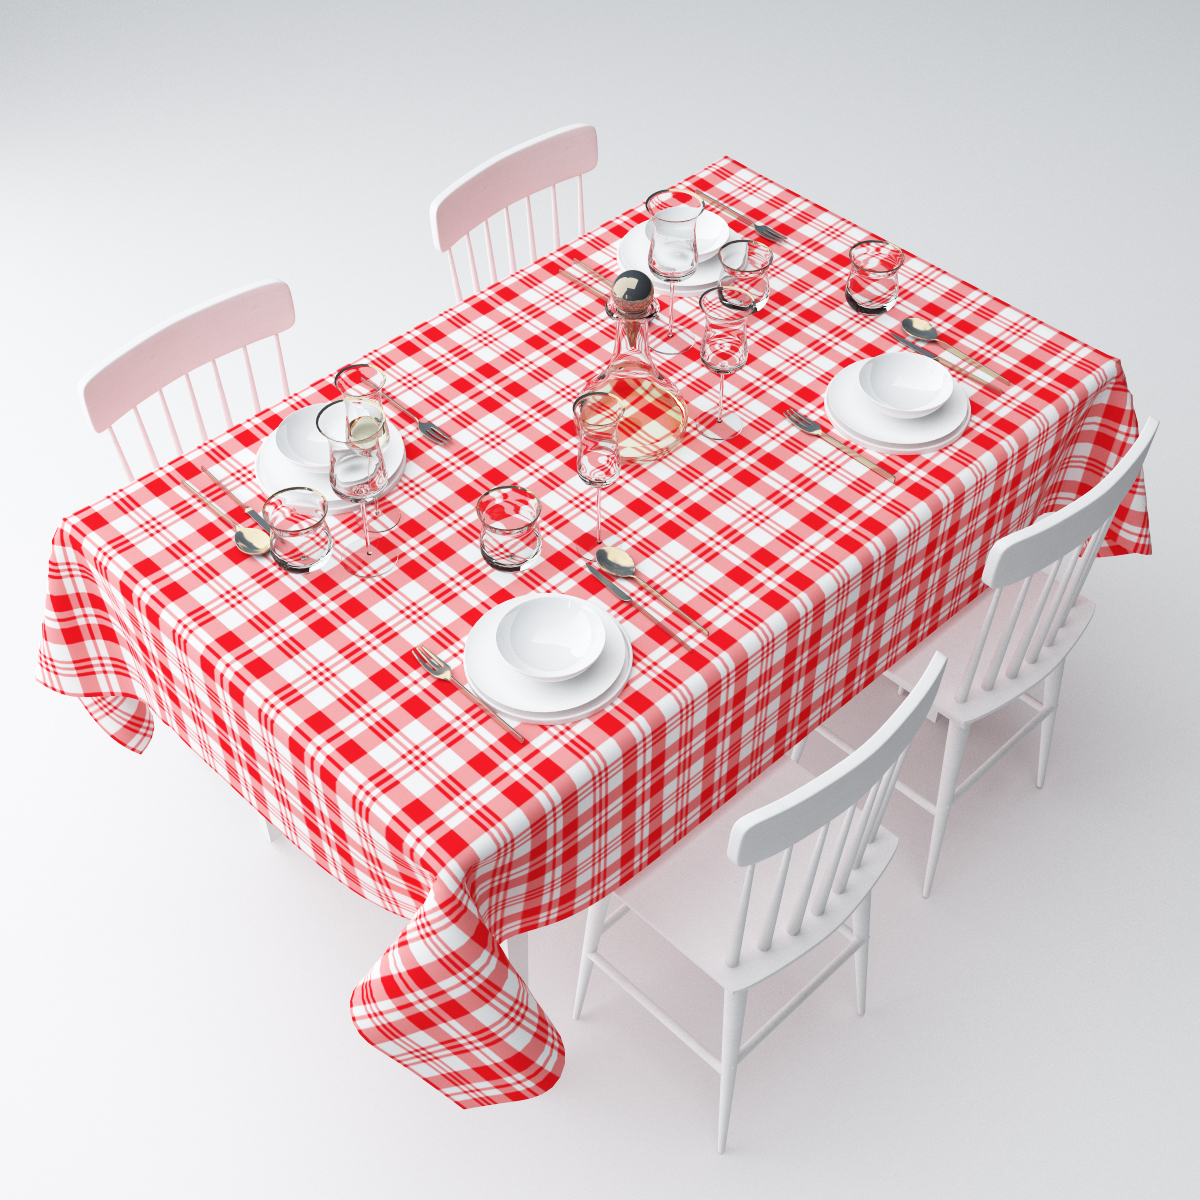 """Прямоугольная скатерть Сирень """"Красная клетка"""", выполненная из  габардина с ярким рисунком, преобразит вашу кухню, визуально  расширит пространство, создаст атмосферу радости и комфорта.    Рекомендации по уходу: стирка при 30 градусах, гладить при температуре до 110  градусов.   Размер скатерти: 145 х 120 см.  Изображение может немного отличаться от реального."""